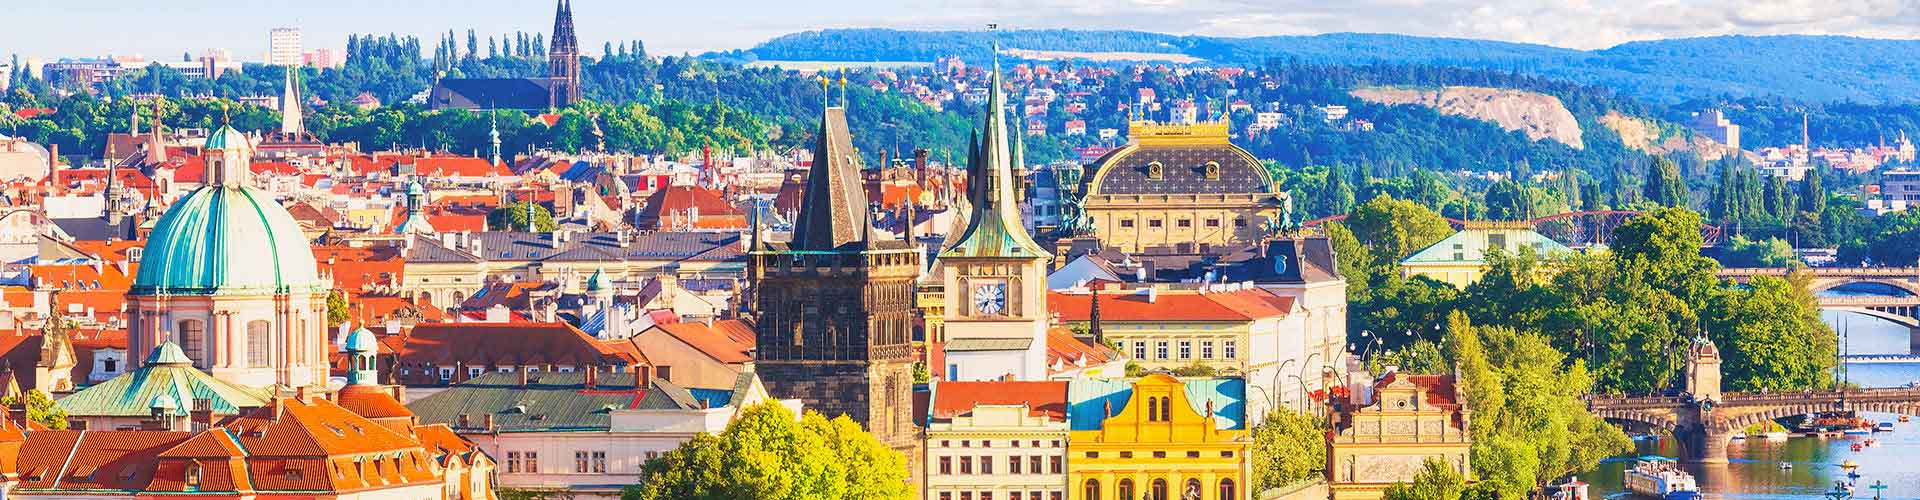 Praga - Hoteles baratos en el distrito Vysehrad. Mapas de Praga, Fotos y comentarios de cada Hotel barato en Praga.